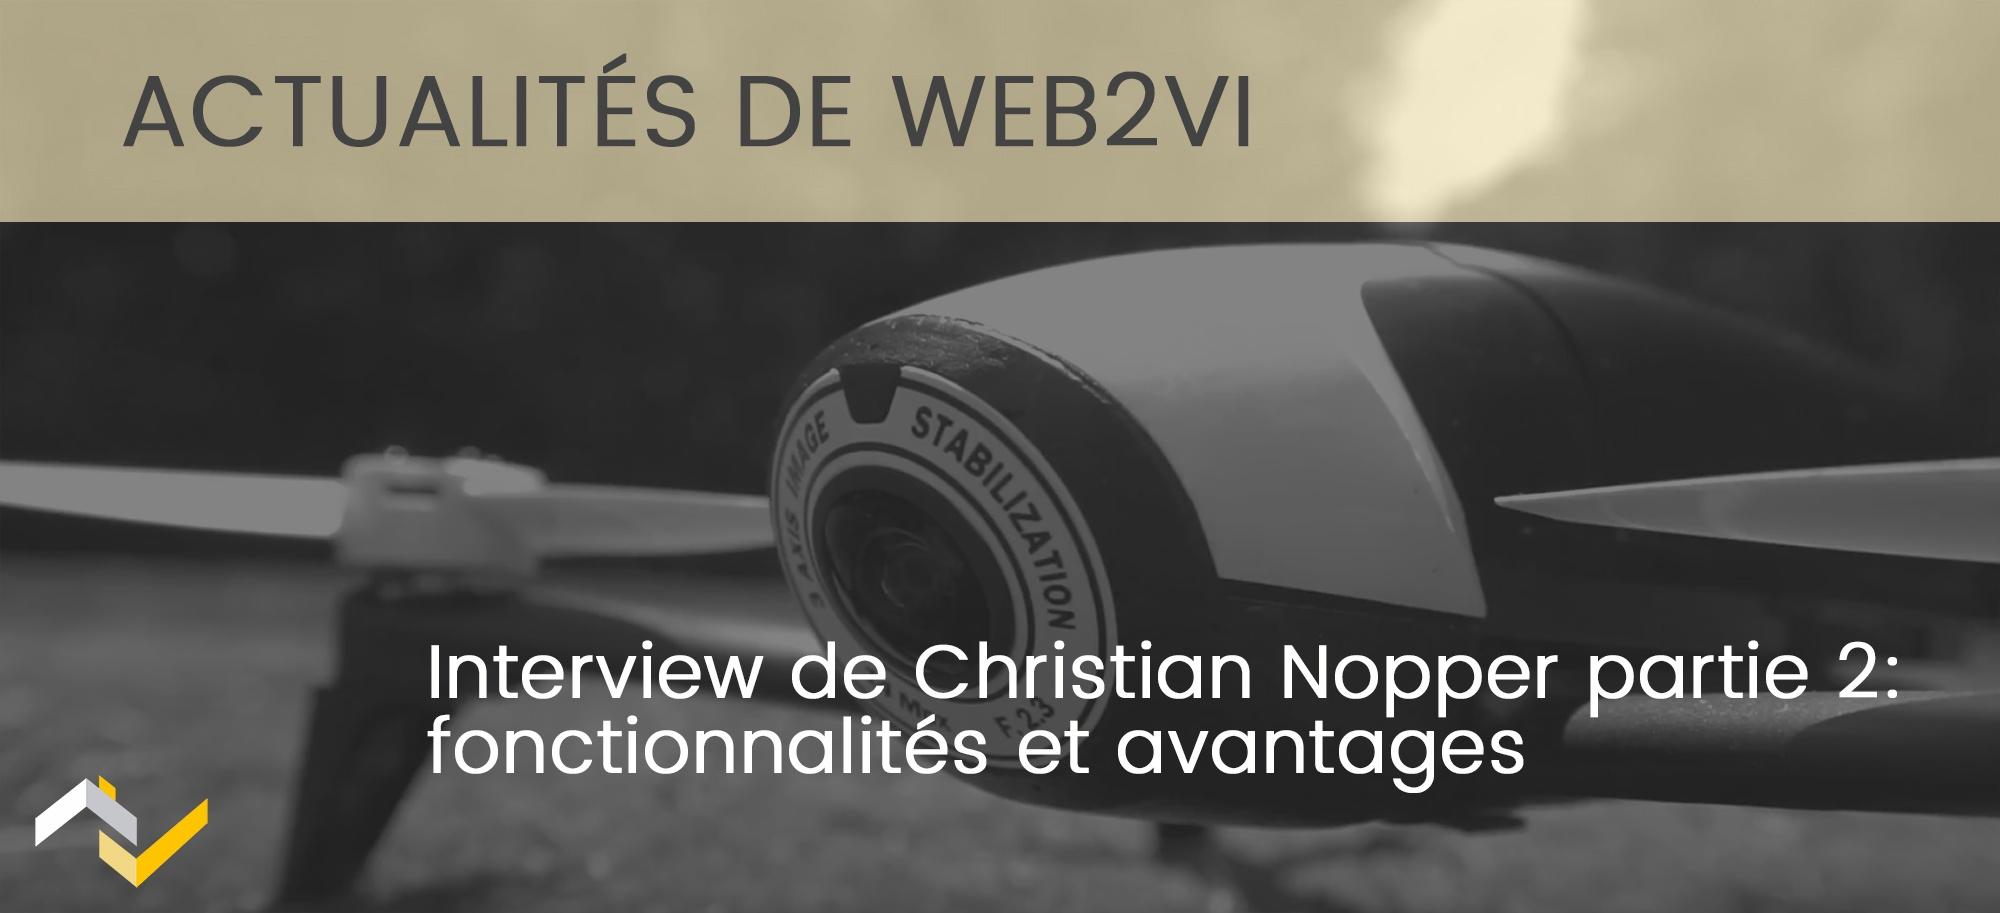 Interview de Christian Nopper : Fonctionnement et avantages de Web2vi